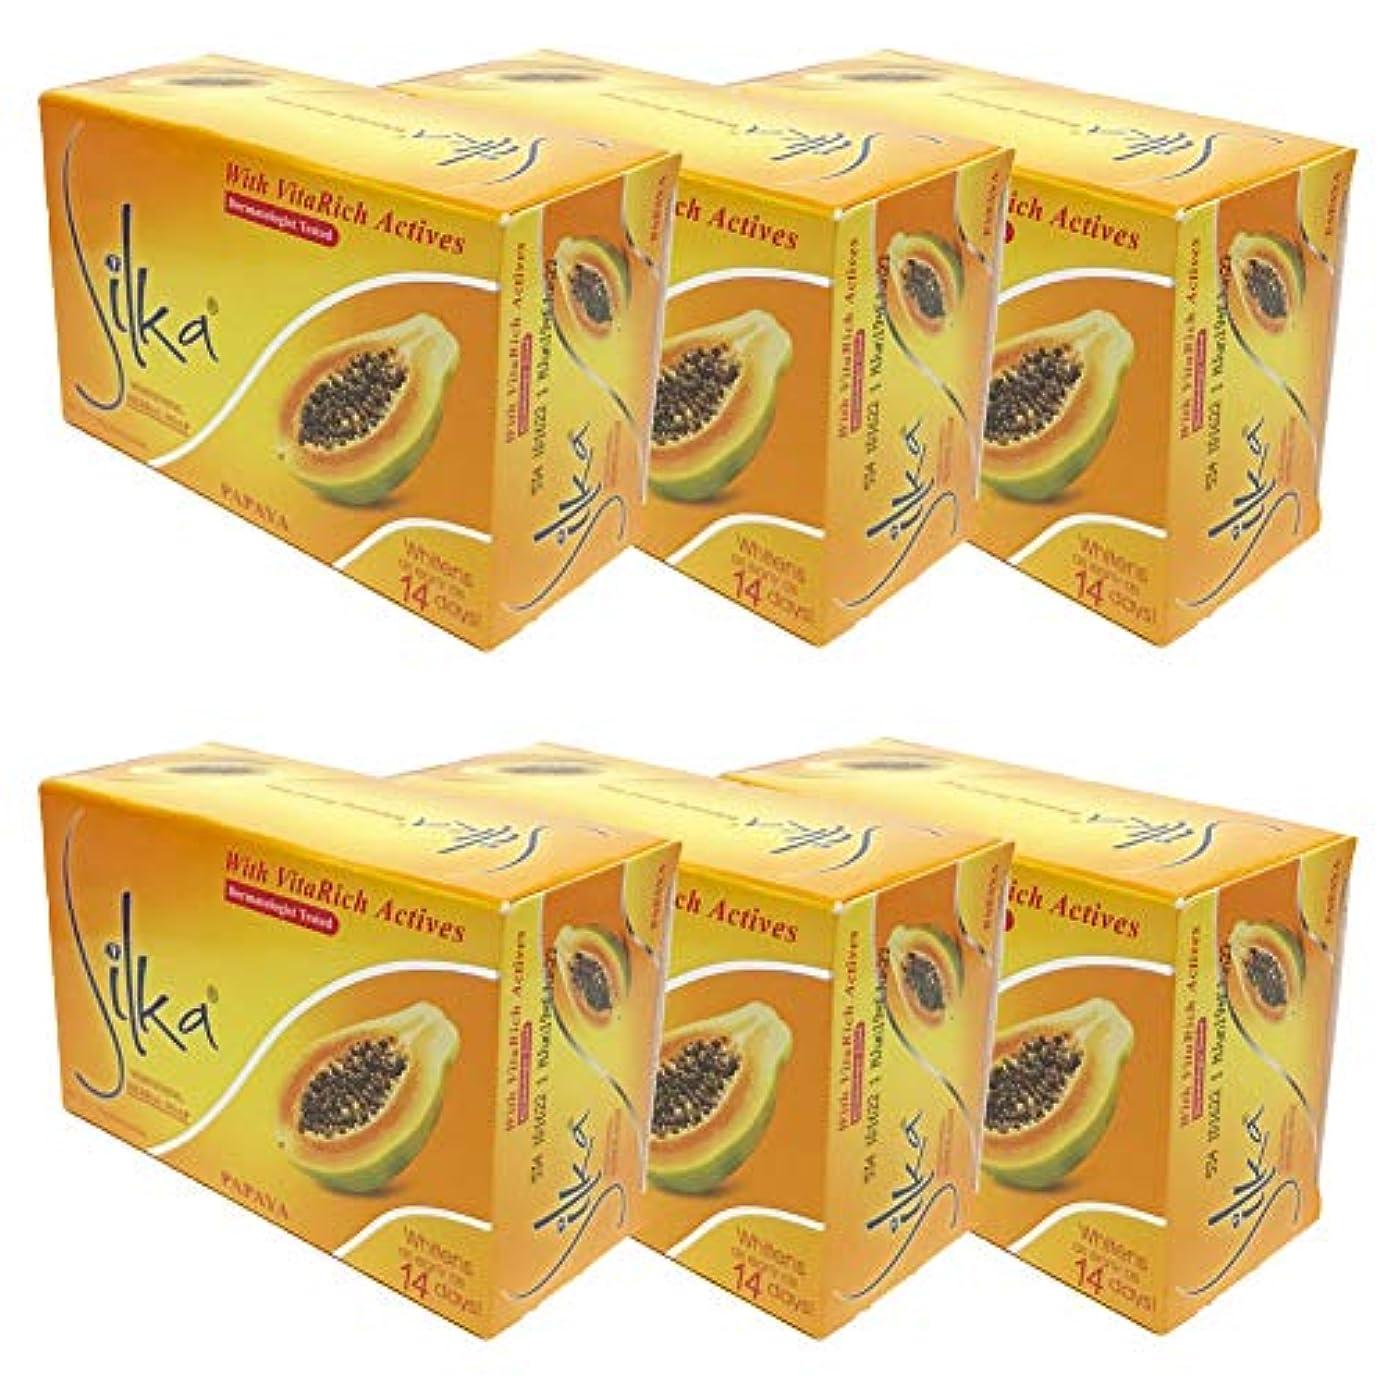 頑丈不機嫌そうなパフシルカ パパイヤソープ 135g Silka Papaya Soap (6個セット)